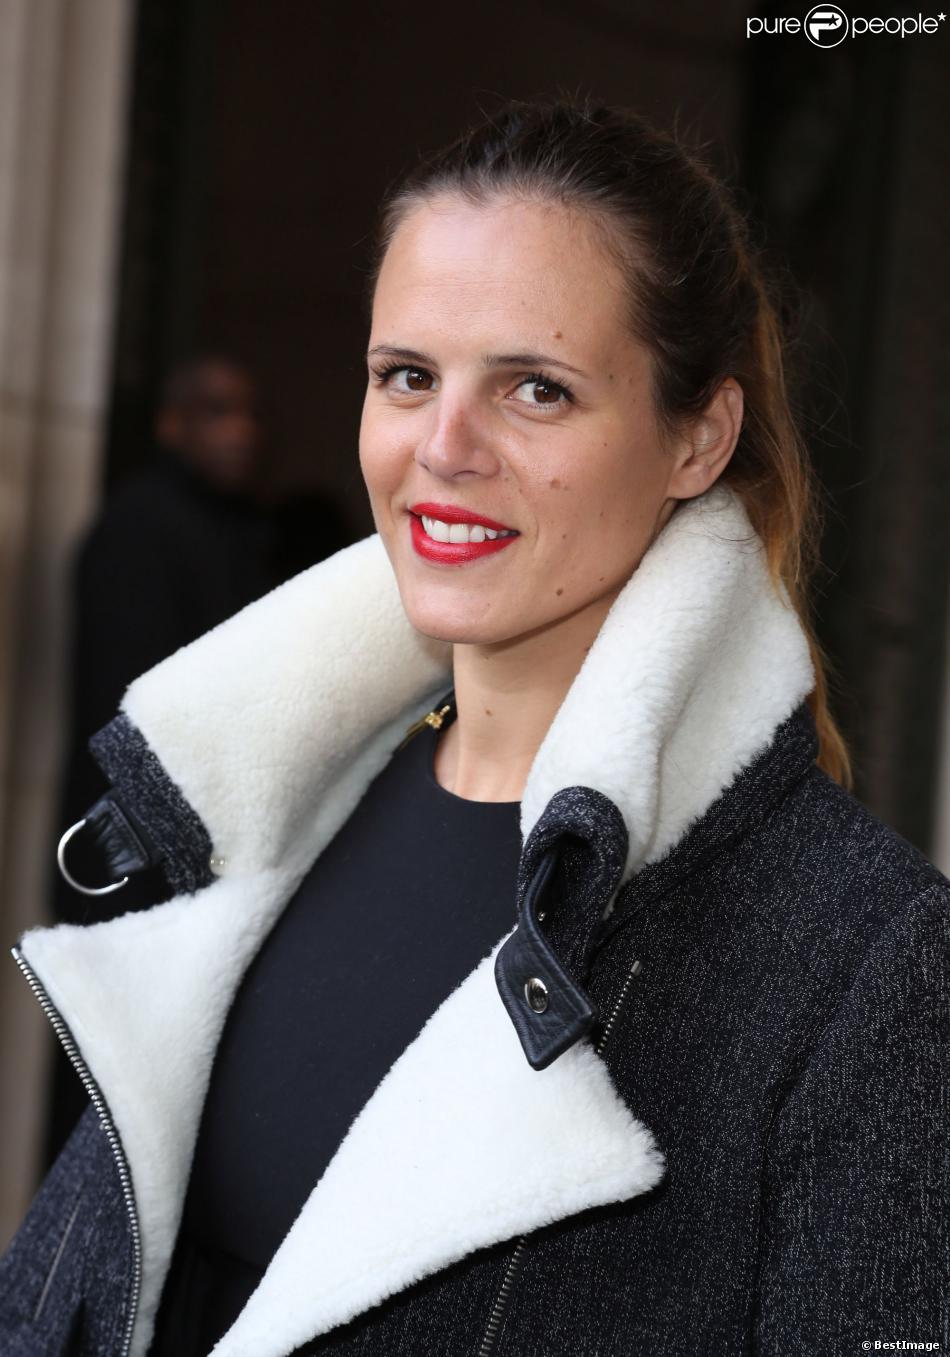 """Laure Manaudou - Arrivées des people au défilé de mode, collection prêt-à-porter automne-hiver 2014-2015 """"Guy Laroche"""" au Grand Palais à Paris."""